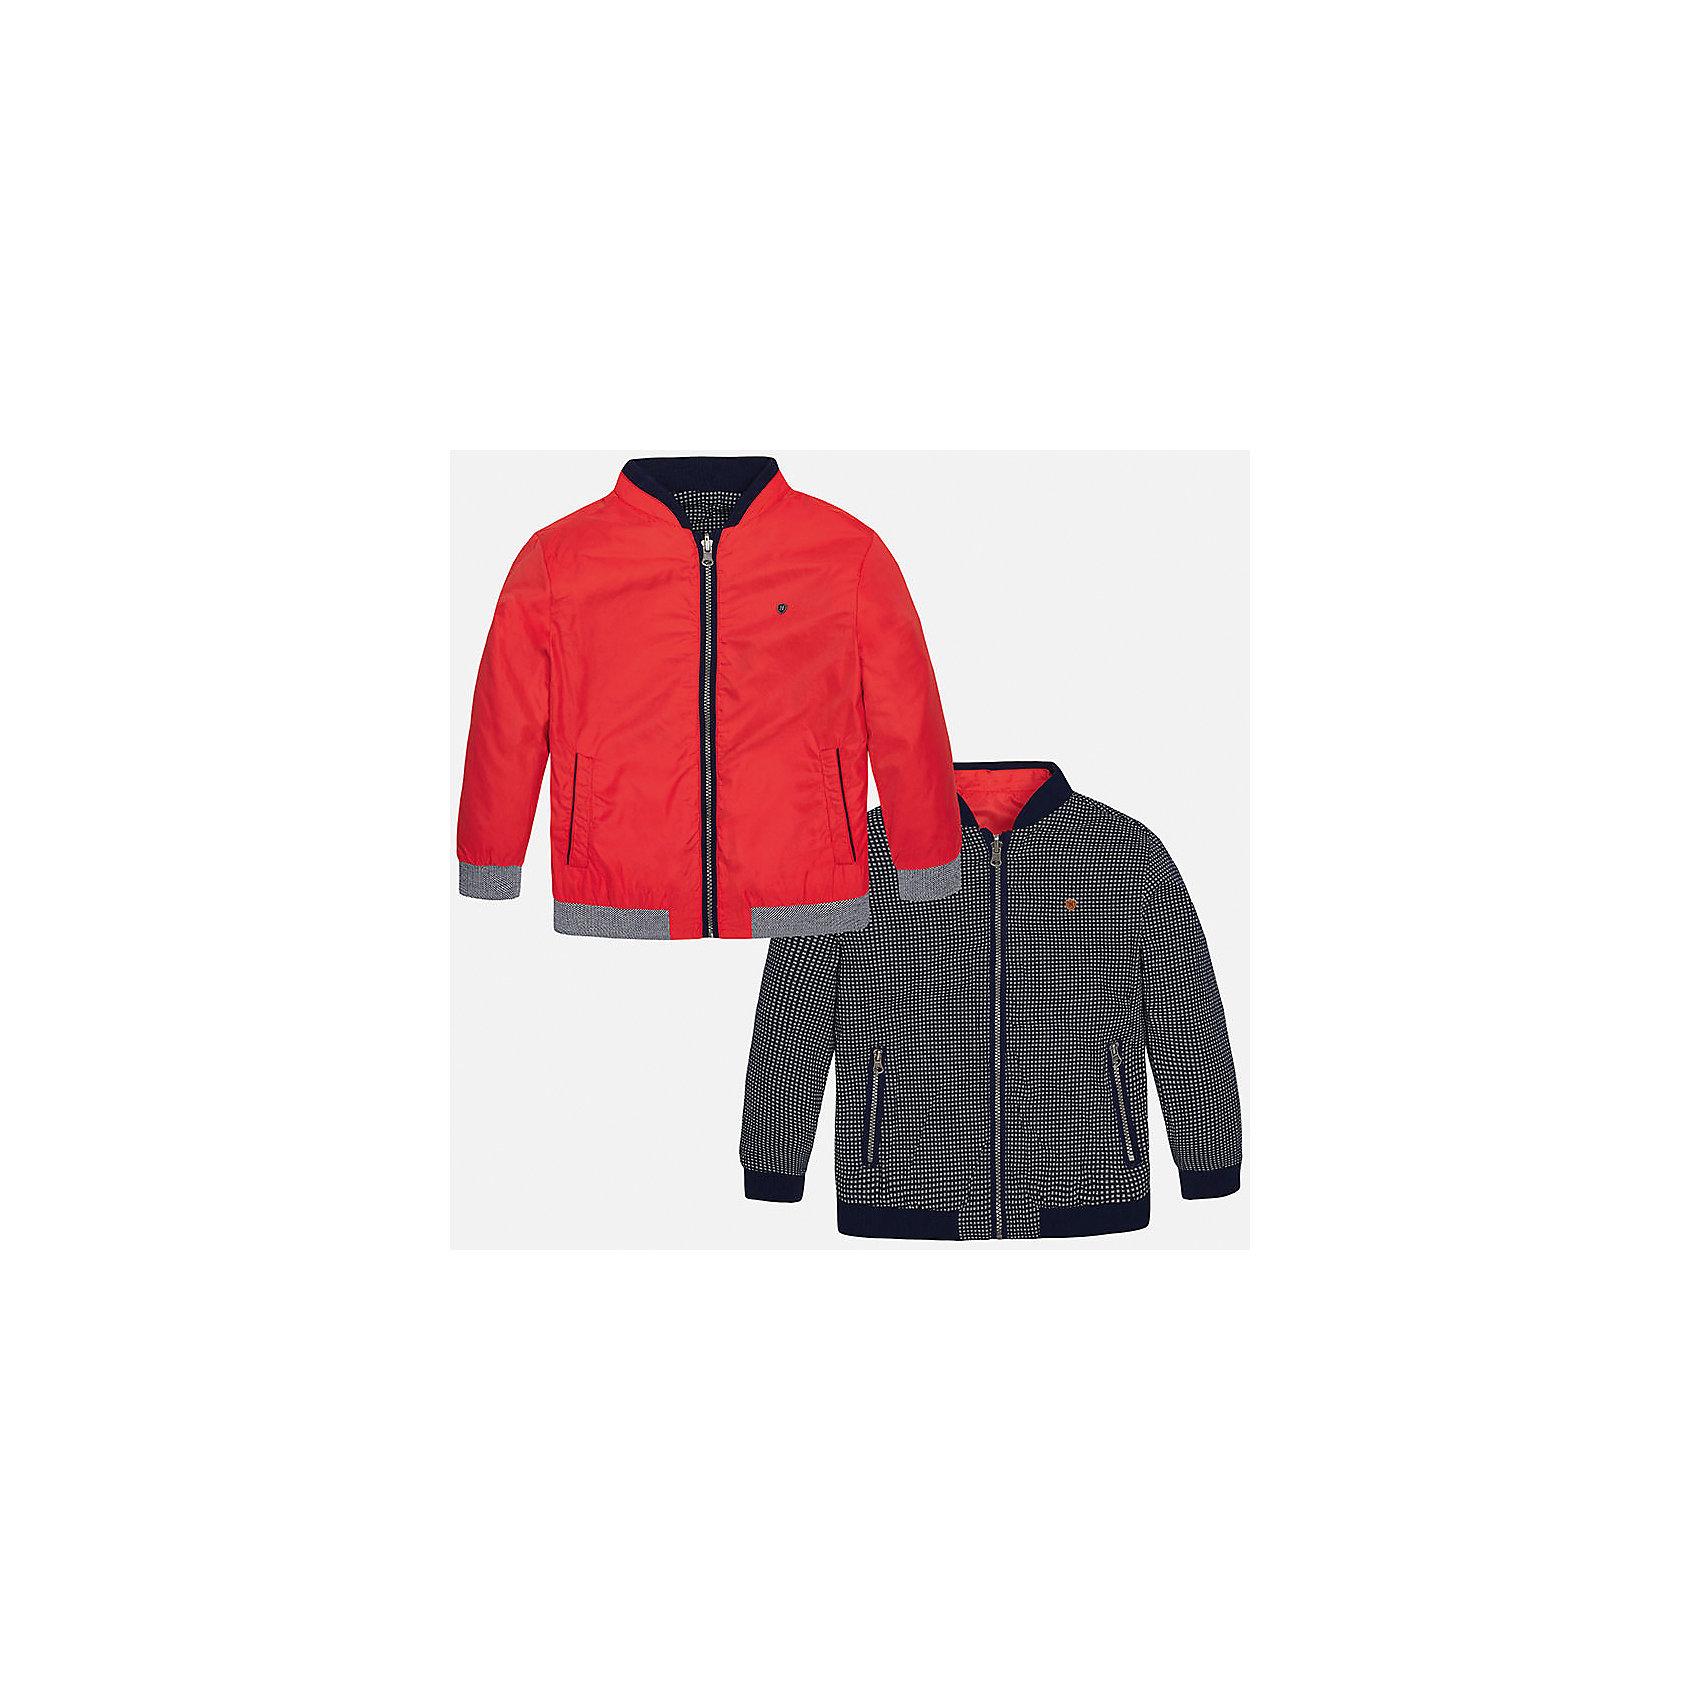 Ветровка двухсторонняя для мальчика MayoralВерхняя одежда<br>Характеристики товара:<br><br>• цвет: красный/синий<br>• состав: 100% полиэстер, подкладка - 100% хлопок<br>• двусторонняя<br>• карманы<br>• молния<br>• манжеты<br>• страна бренда: Испания<br><br>Легкая куртка для мальчика поможет разнообразить гардероб ребенка и обеспечить тепло в прохладную погоду. Эта ветровка - два в одном: стоит её вывернуть - и появляется еще одна курточка другой расцветки. Она отлично сочетается и с джинсами, и с брюками. Универсальный цвет позволяет подобрать к вещи низ различных расцветок. Интересная отделка модели делает её нарядной и оригинальной. <br><br>Одежда, обувь и аксессуары от испанского бренда Mayoral полюбились детям и взрослым по всему миру. Модели этой марки - стильные и удобные. Для их производства используются только безопасные, качественные материалы и фурнитура. Порадуйте ребенка модными и красивыми вещами от Mayoral! <br><br>Ветровку для мальчика от испанского бренда Mayoral (Майорал) можно купить в нашем интернет-магазине.<br><br>Ширина мм: 356<br>Глубина мм: 10<br>Высота мм: 245<br>Вес г: 519<br>Цвет: красный<br>Возраст от месяцев: 120<br>Возраст до месяцев: 132<br>Пол: Мужской<br>Возраст: Детский<br>Размер: 128/134,140,158,164,170,152<br>SKU: 5281968